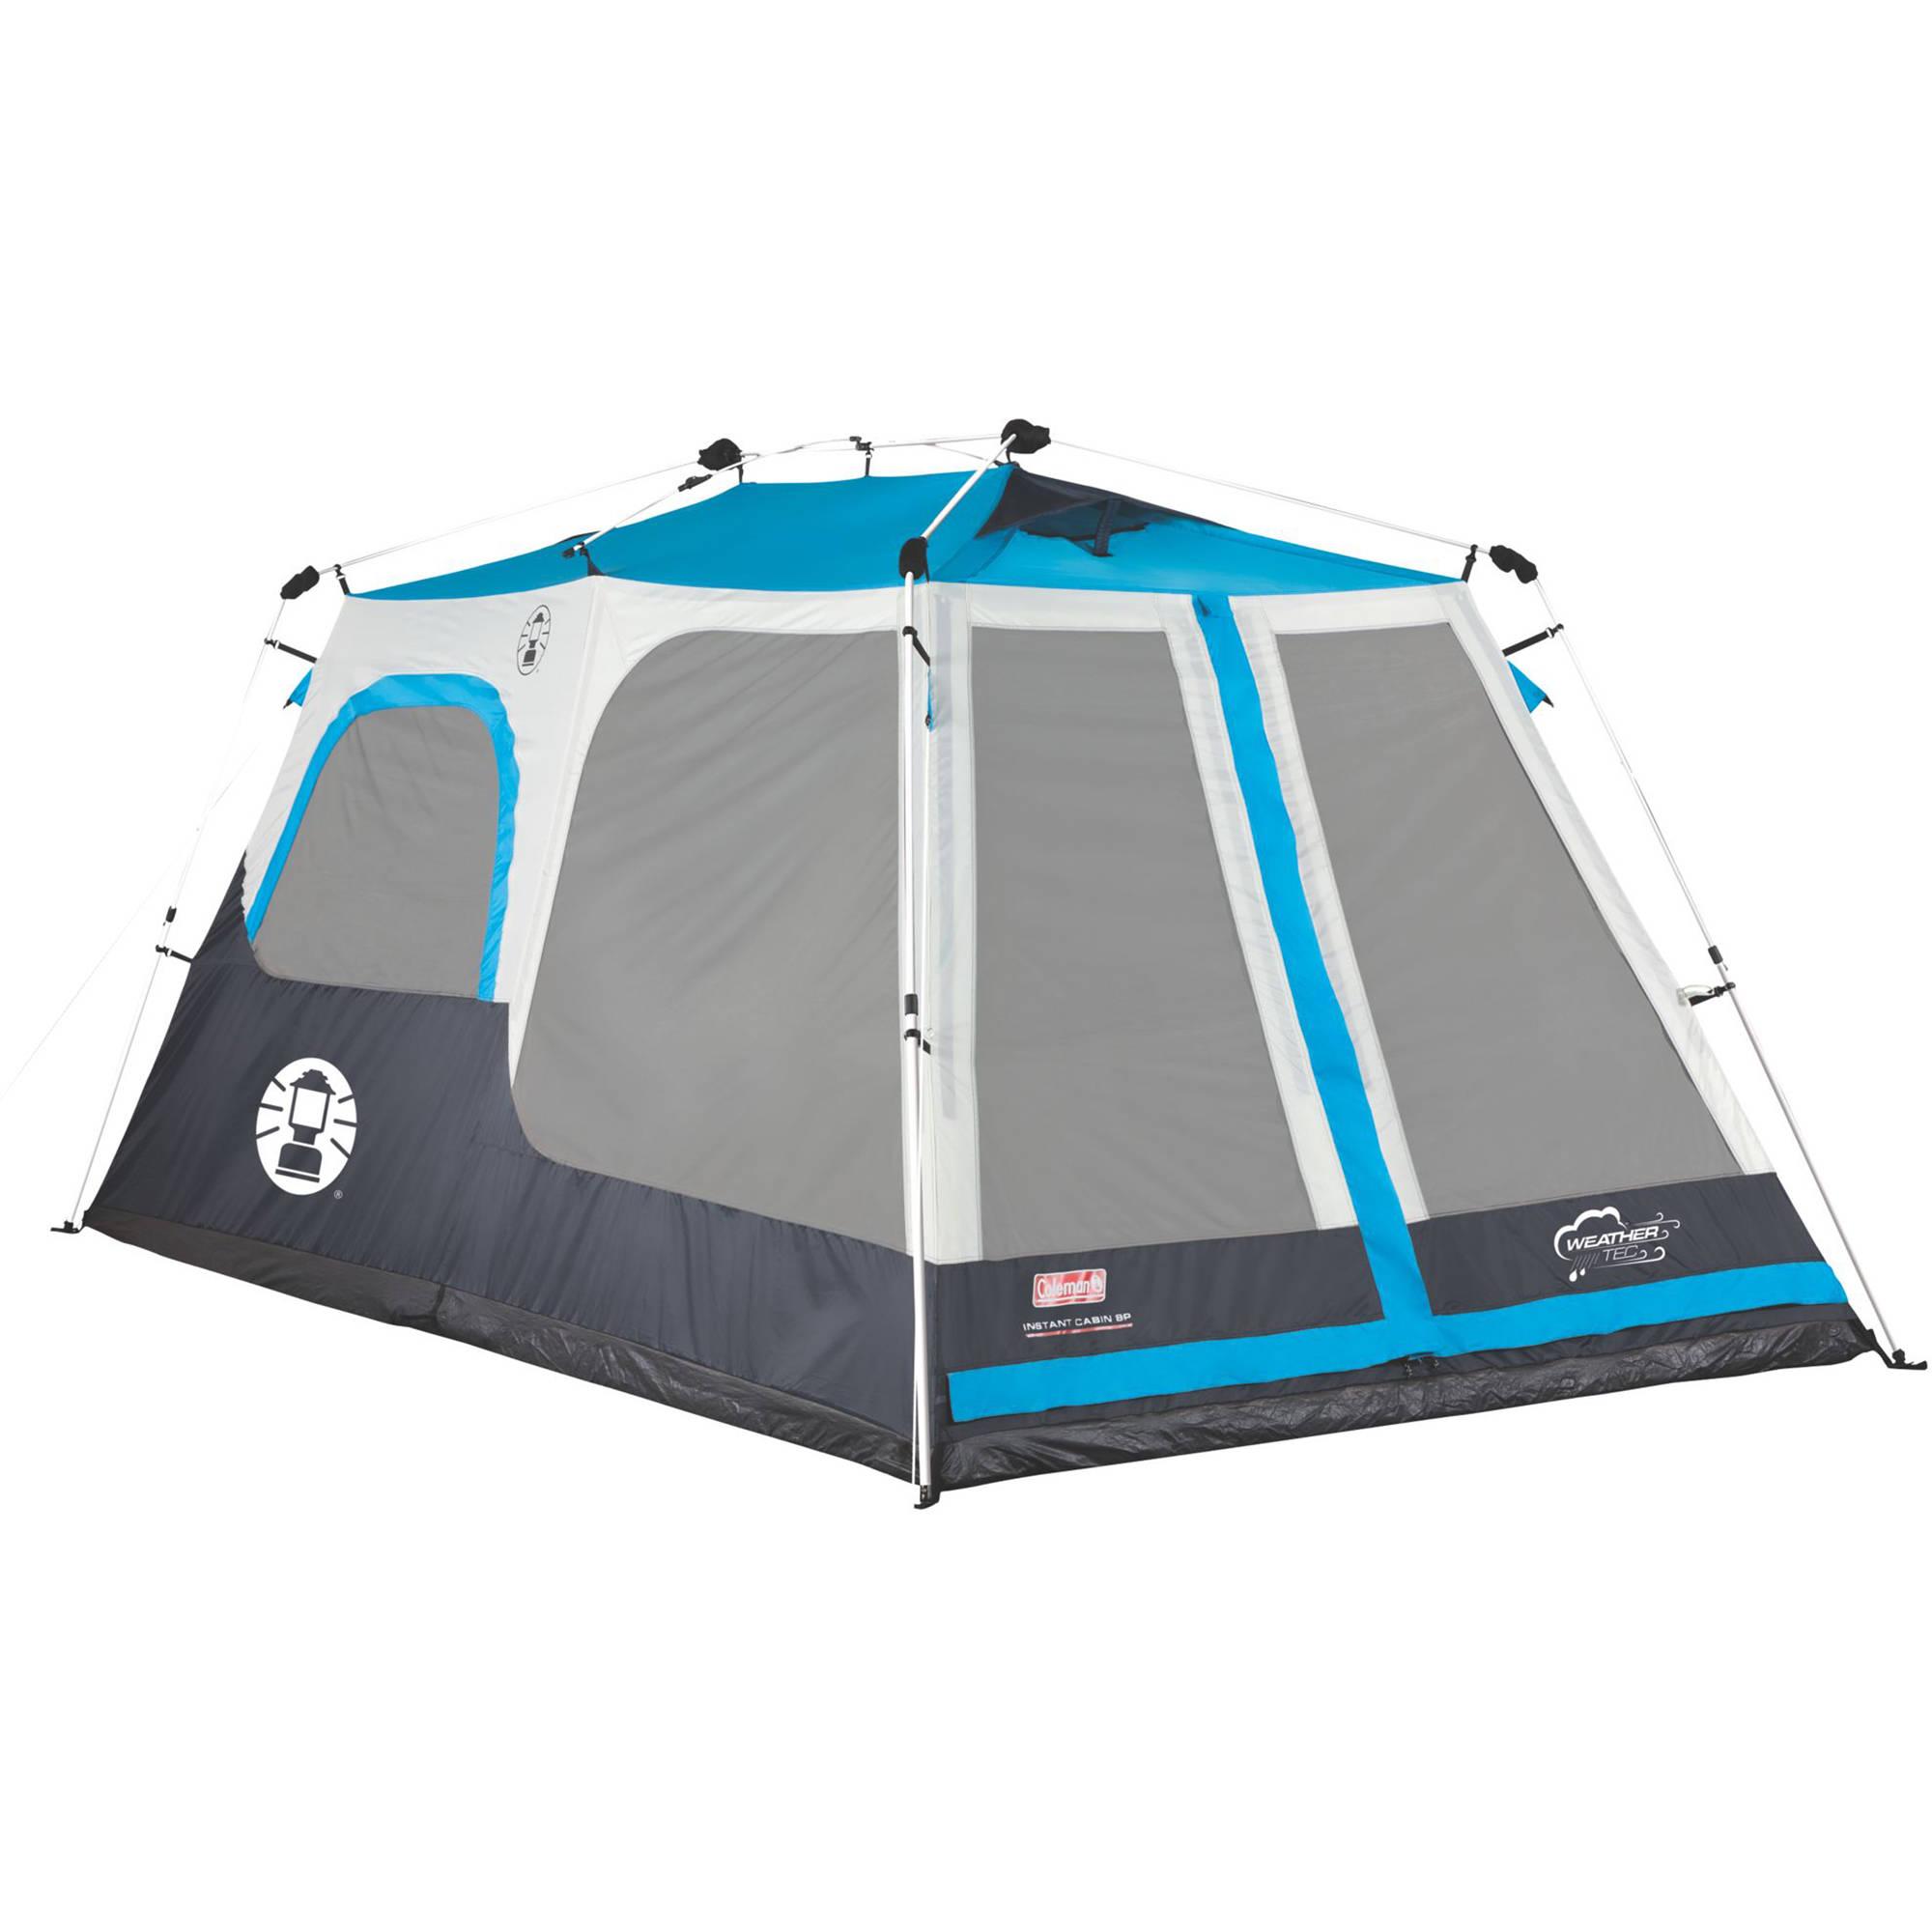 Coleman Instant Cabin Tent (8